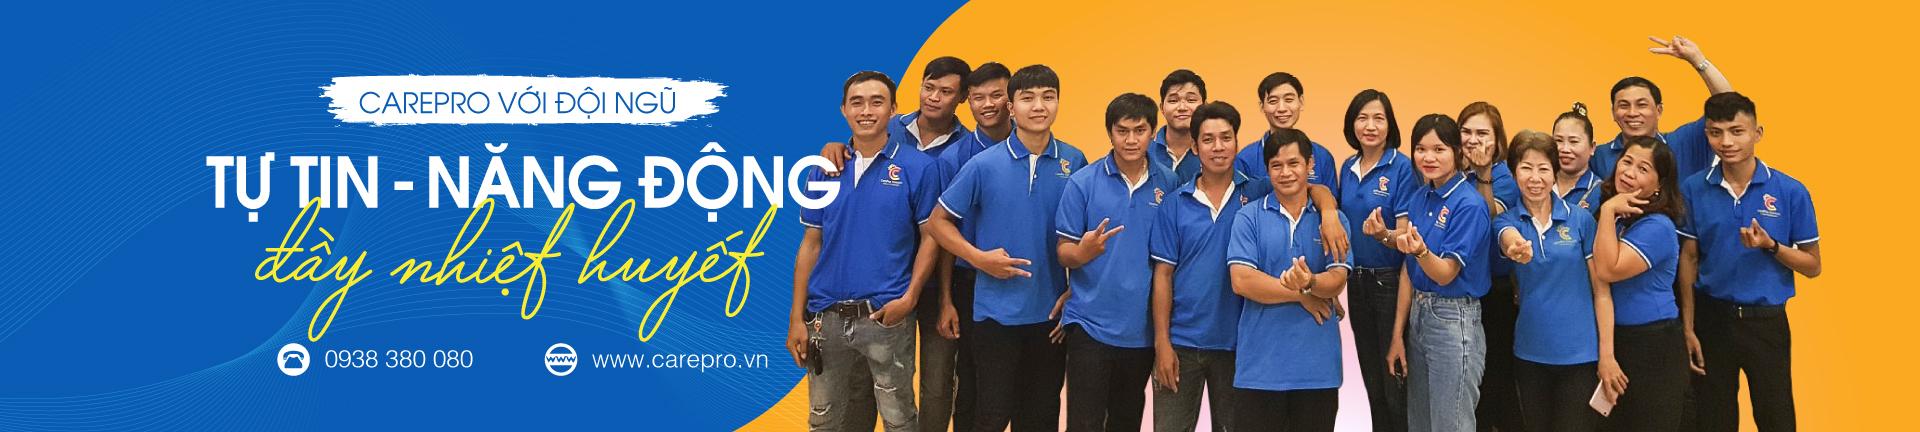 đội ngũ nhân viên năng động chuyên nghiệp Carepro.vn